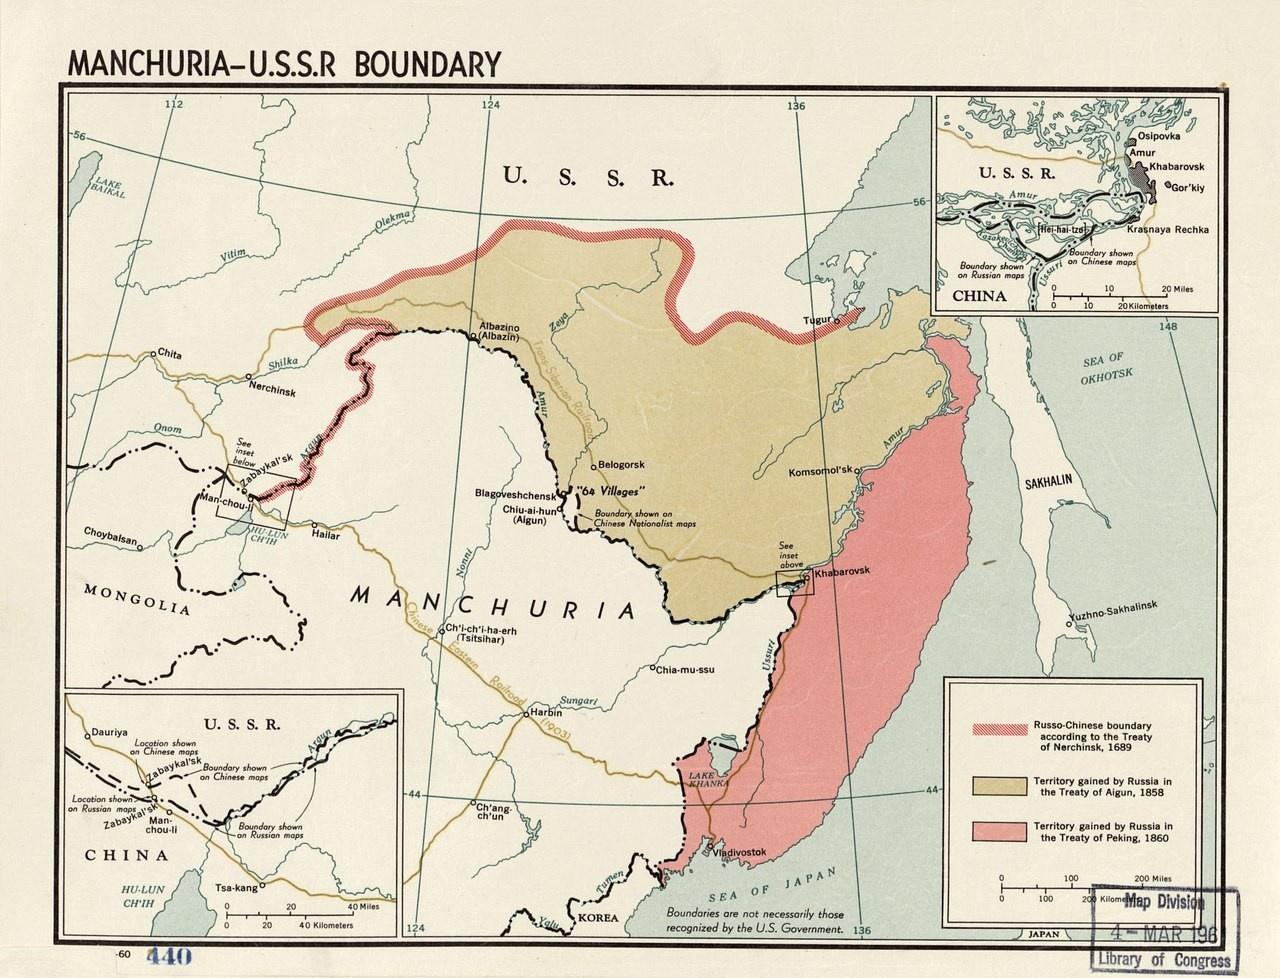 Карта территориальных изменений на Дальнем Востоке, которая иллюстрирует современные территориальные претензии КНР к РФ.